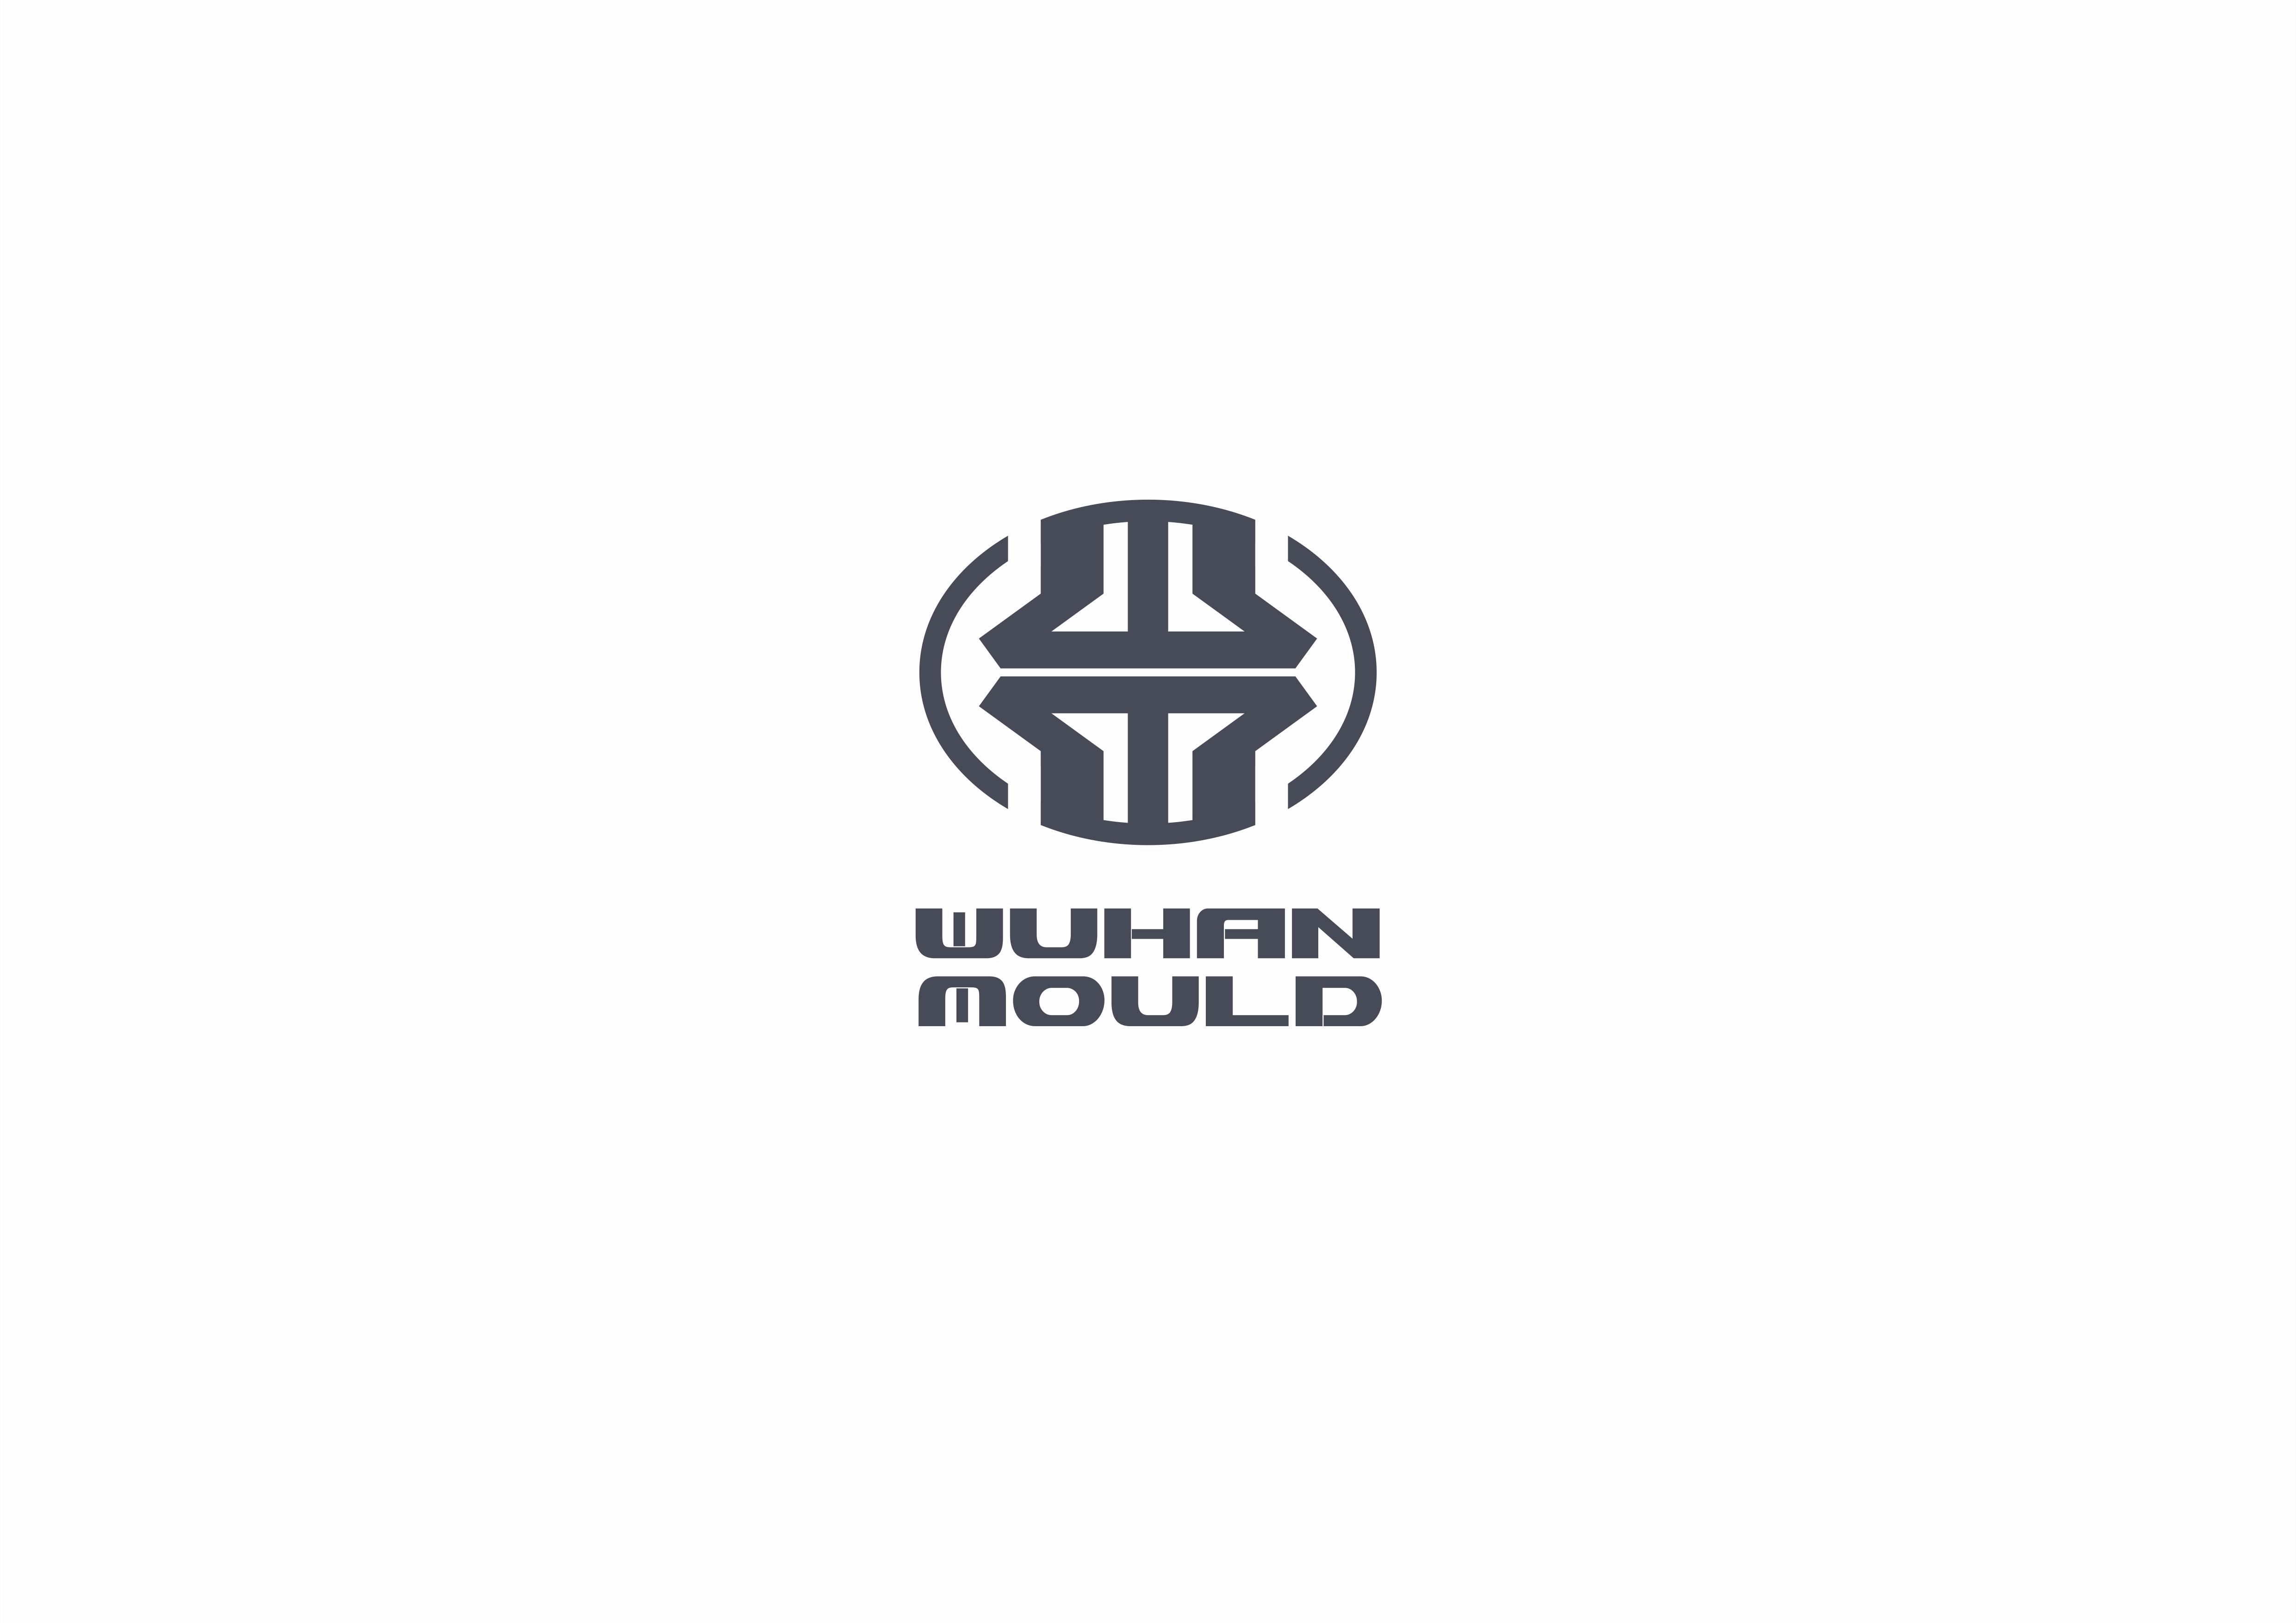 Создать логотип для фабрики пресс-форм фото f_540598a30ff7342e.png